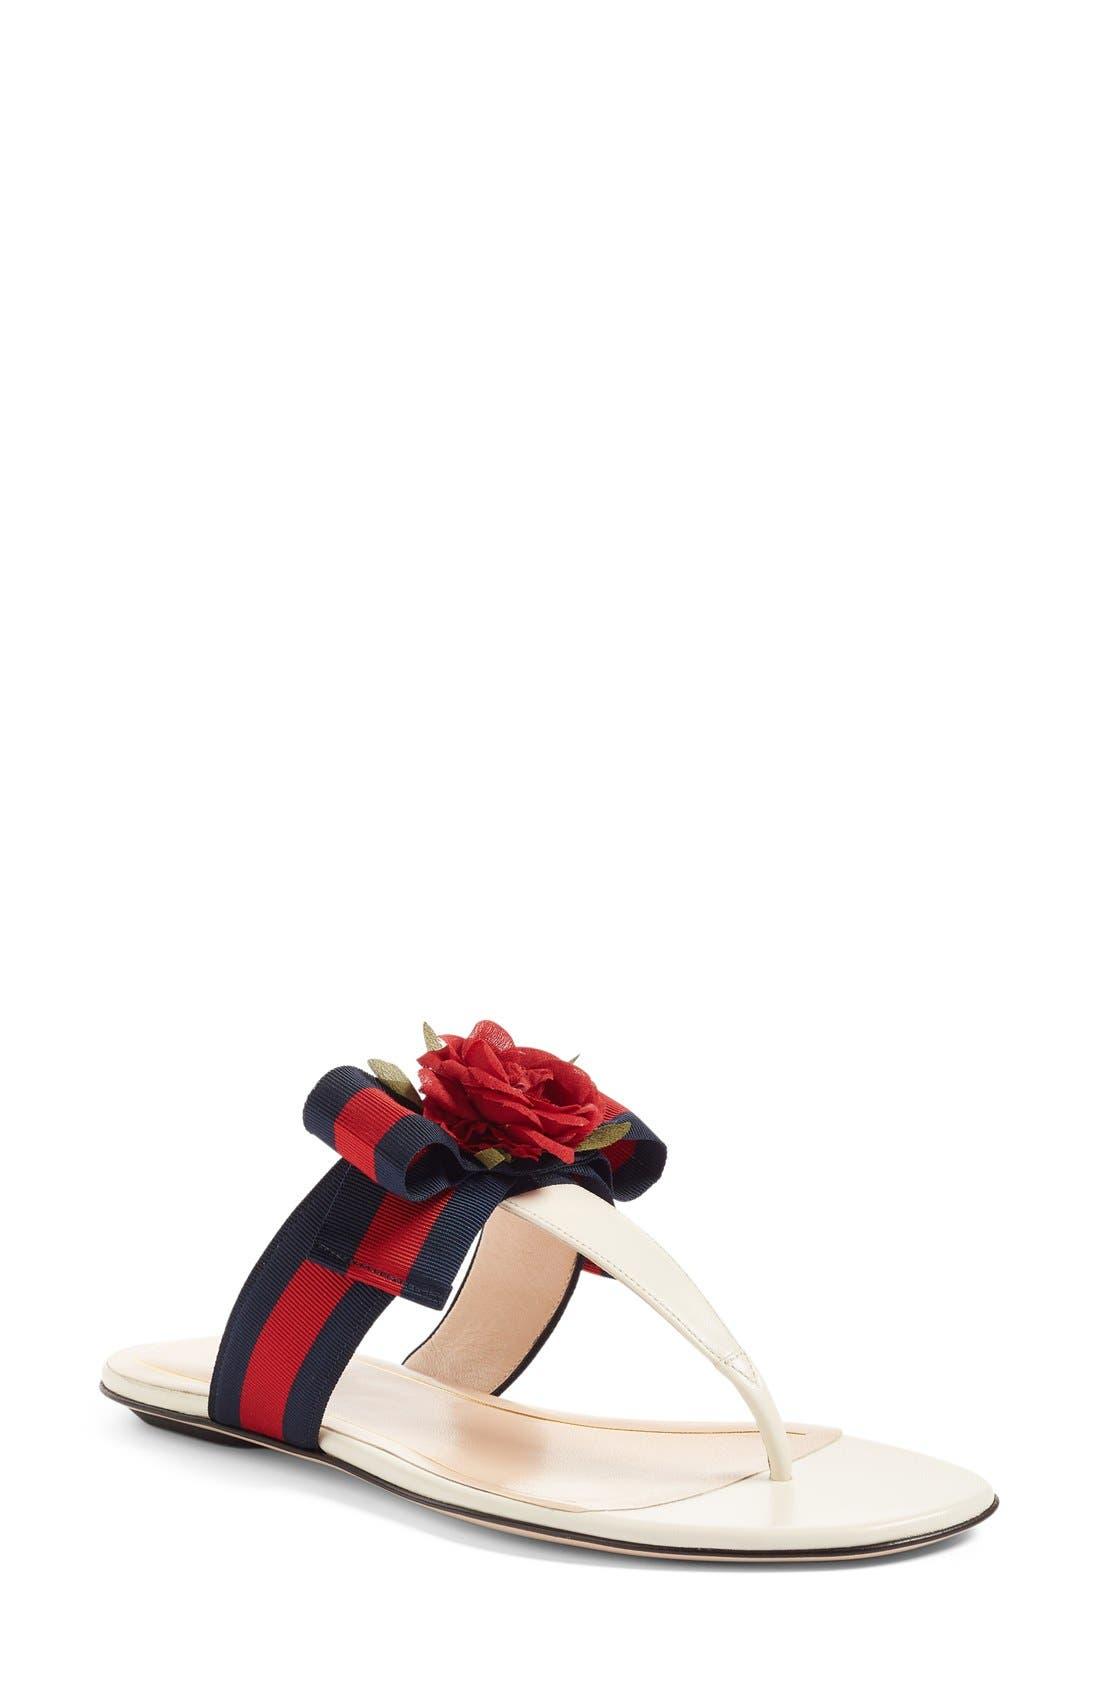 Cindi Rose T-Strap Sandal,                             Main thumbnail 1, color,                             100